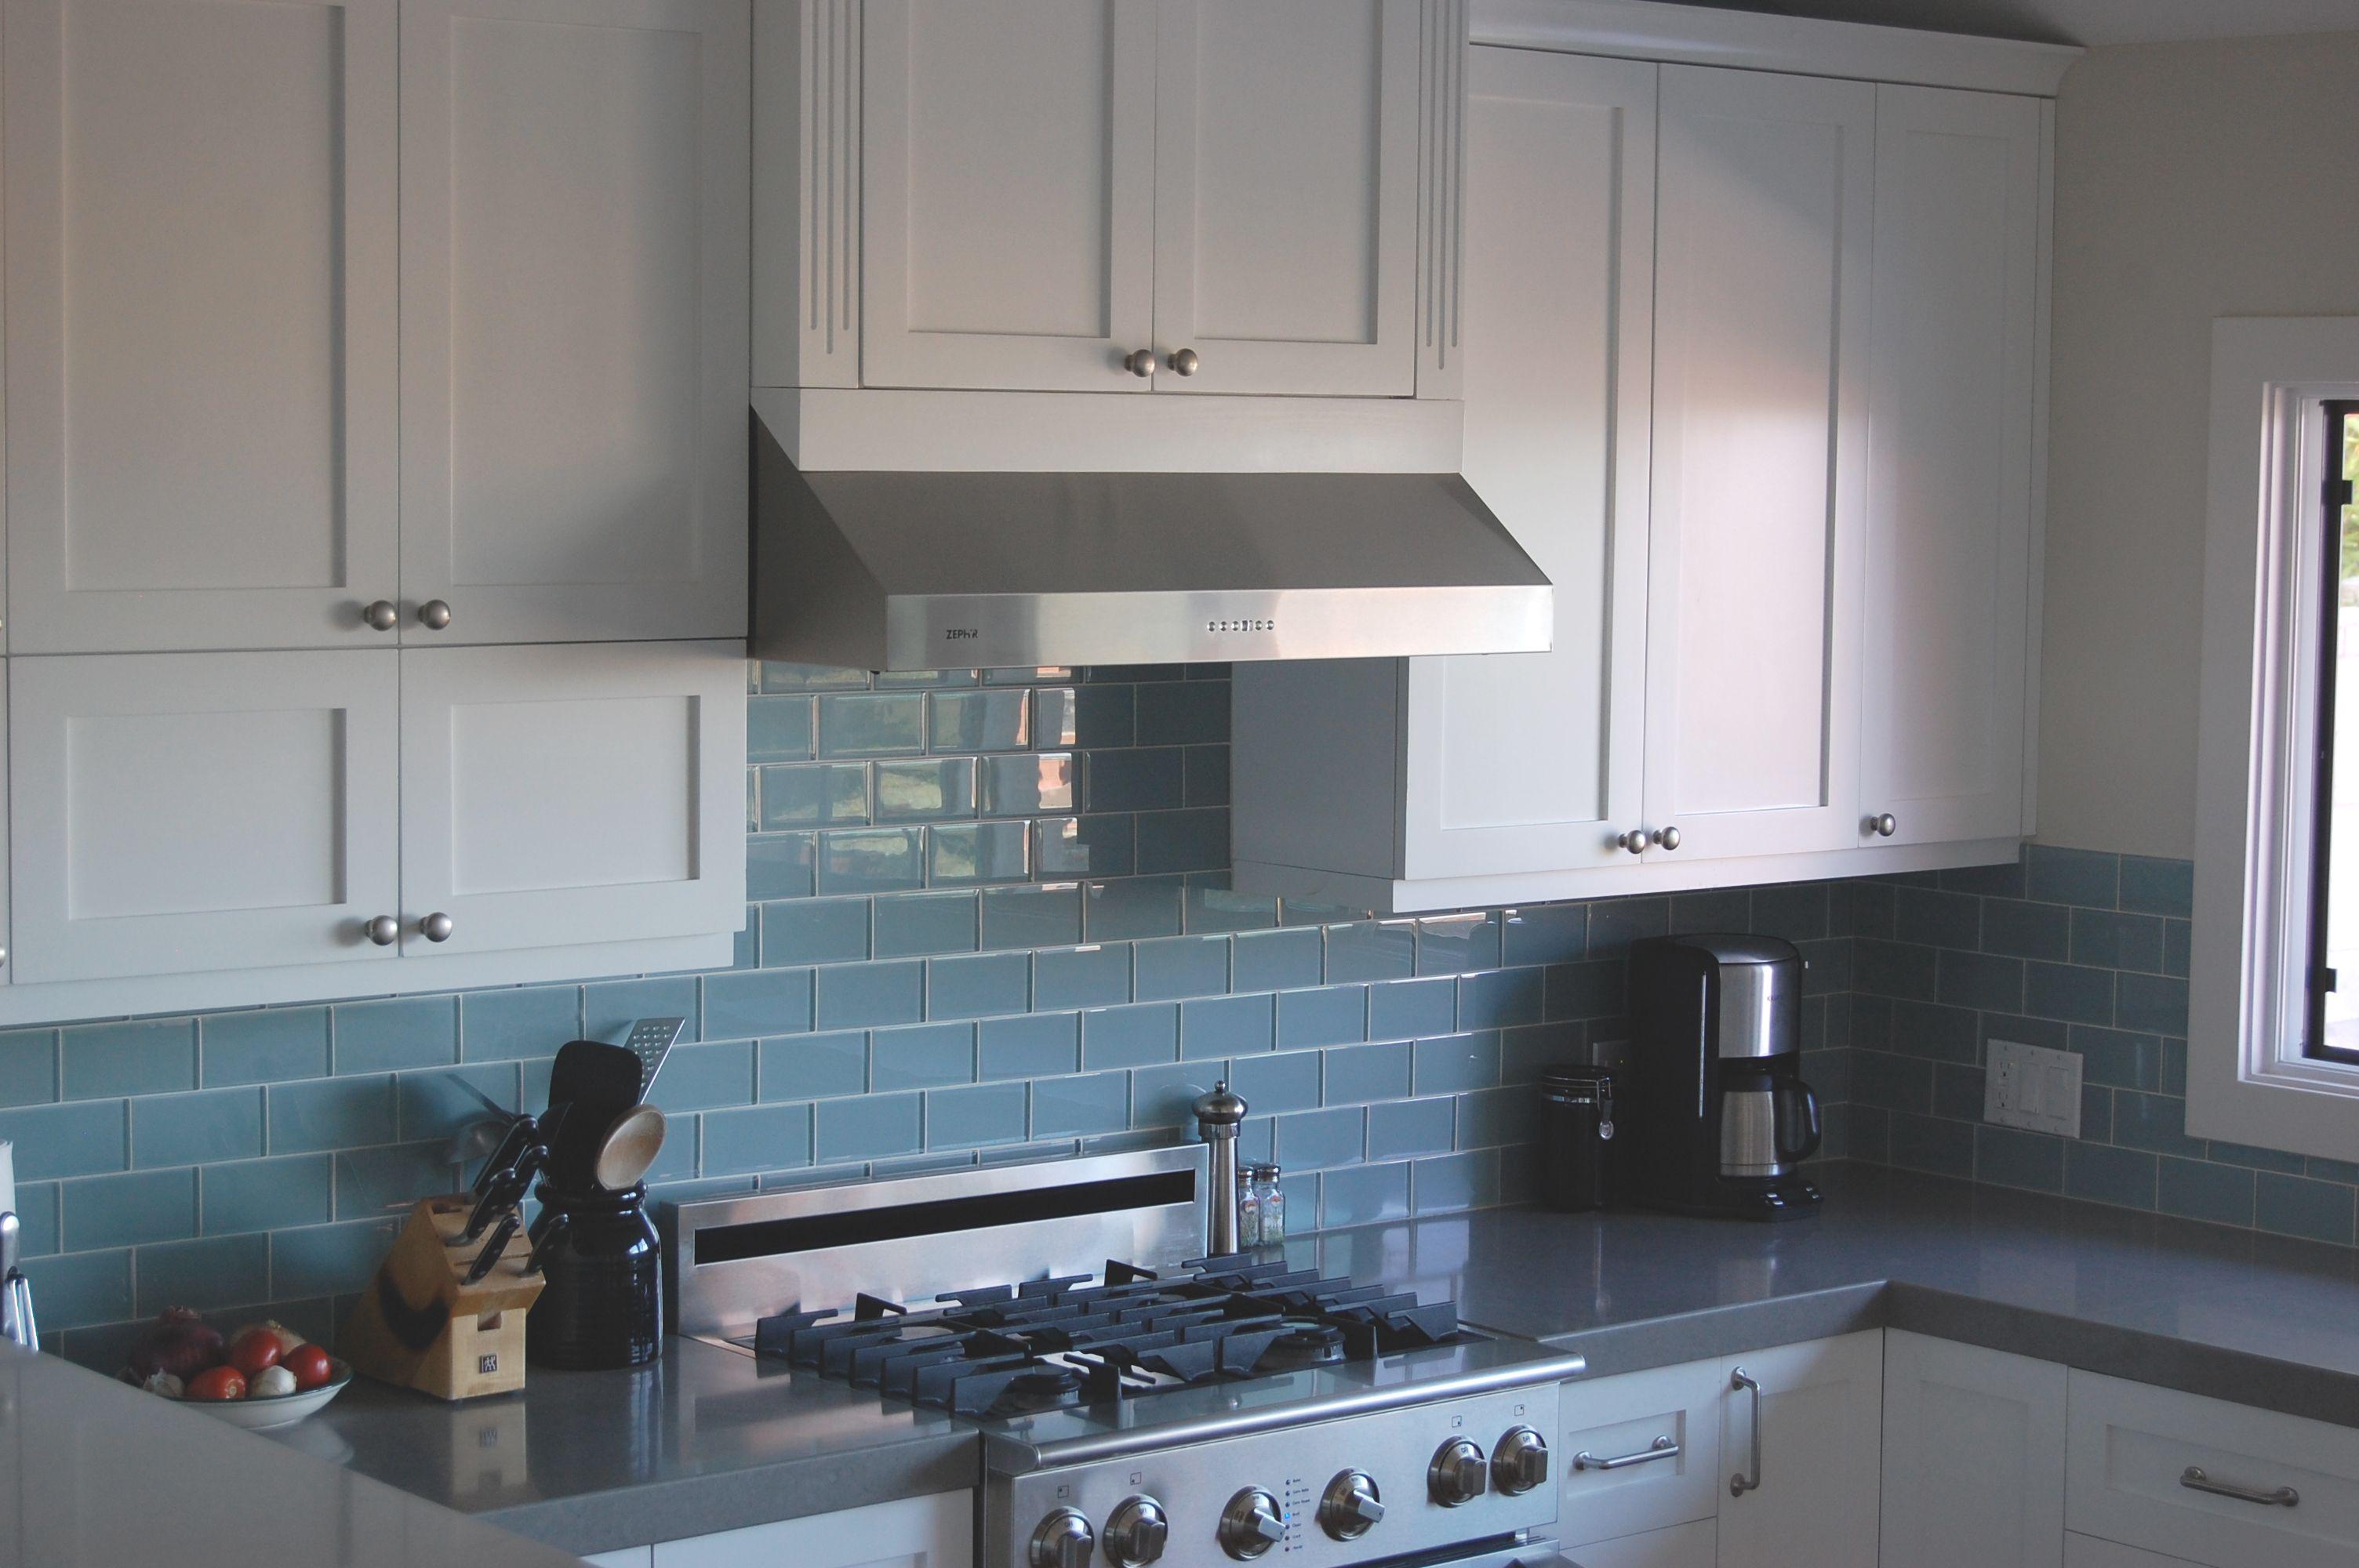 3 Blue Kitchen Backsplashes You Ll Love Glass Tile Backsplash